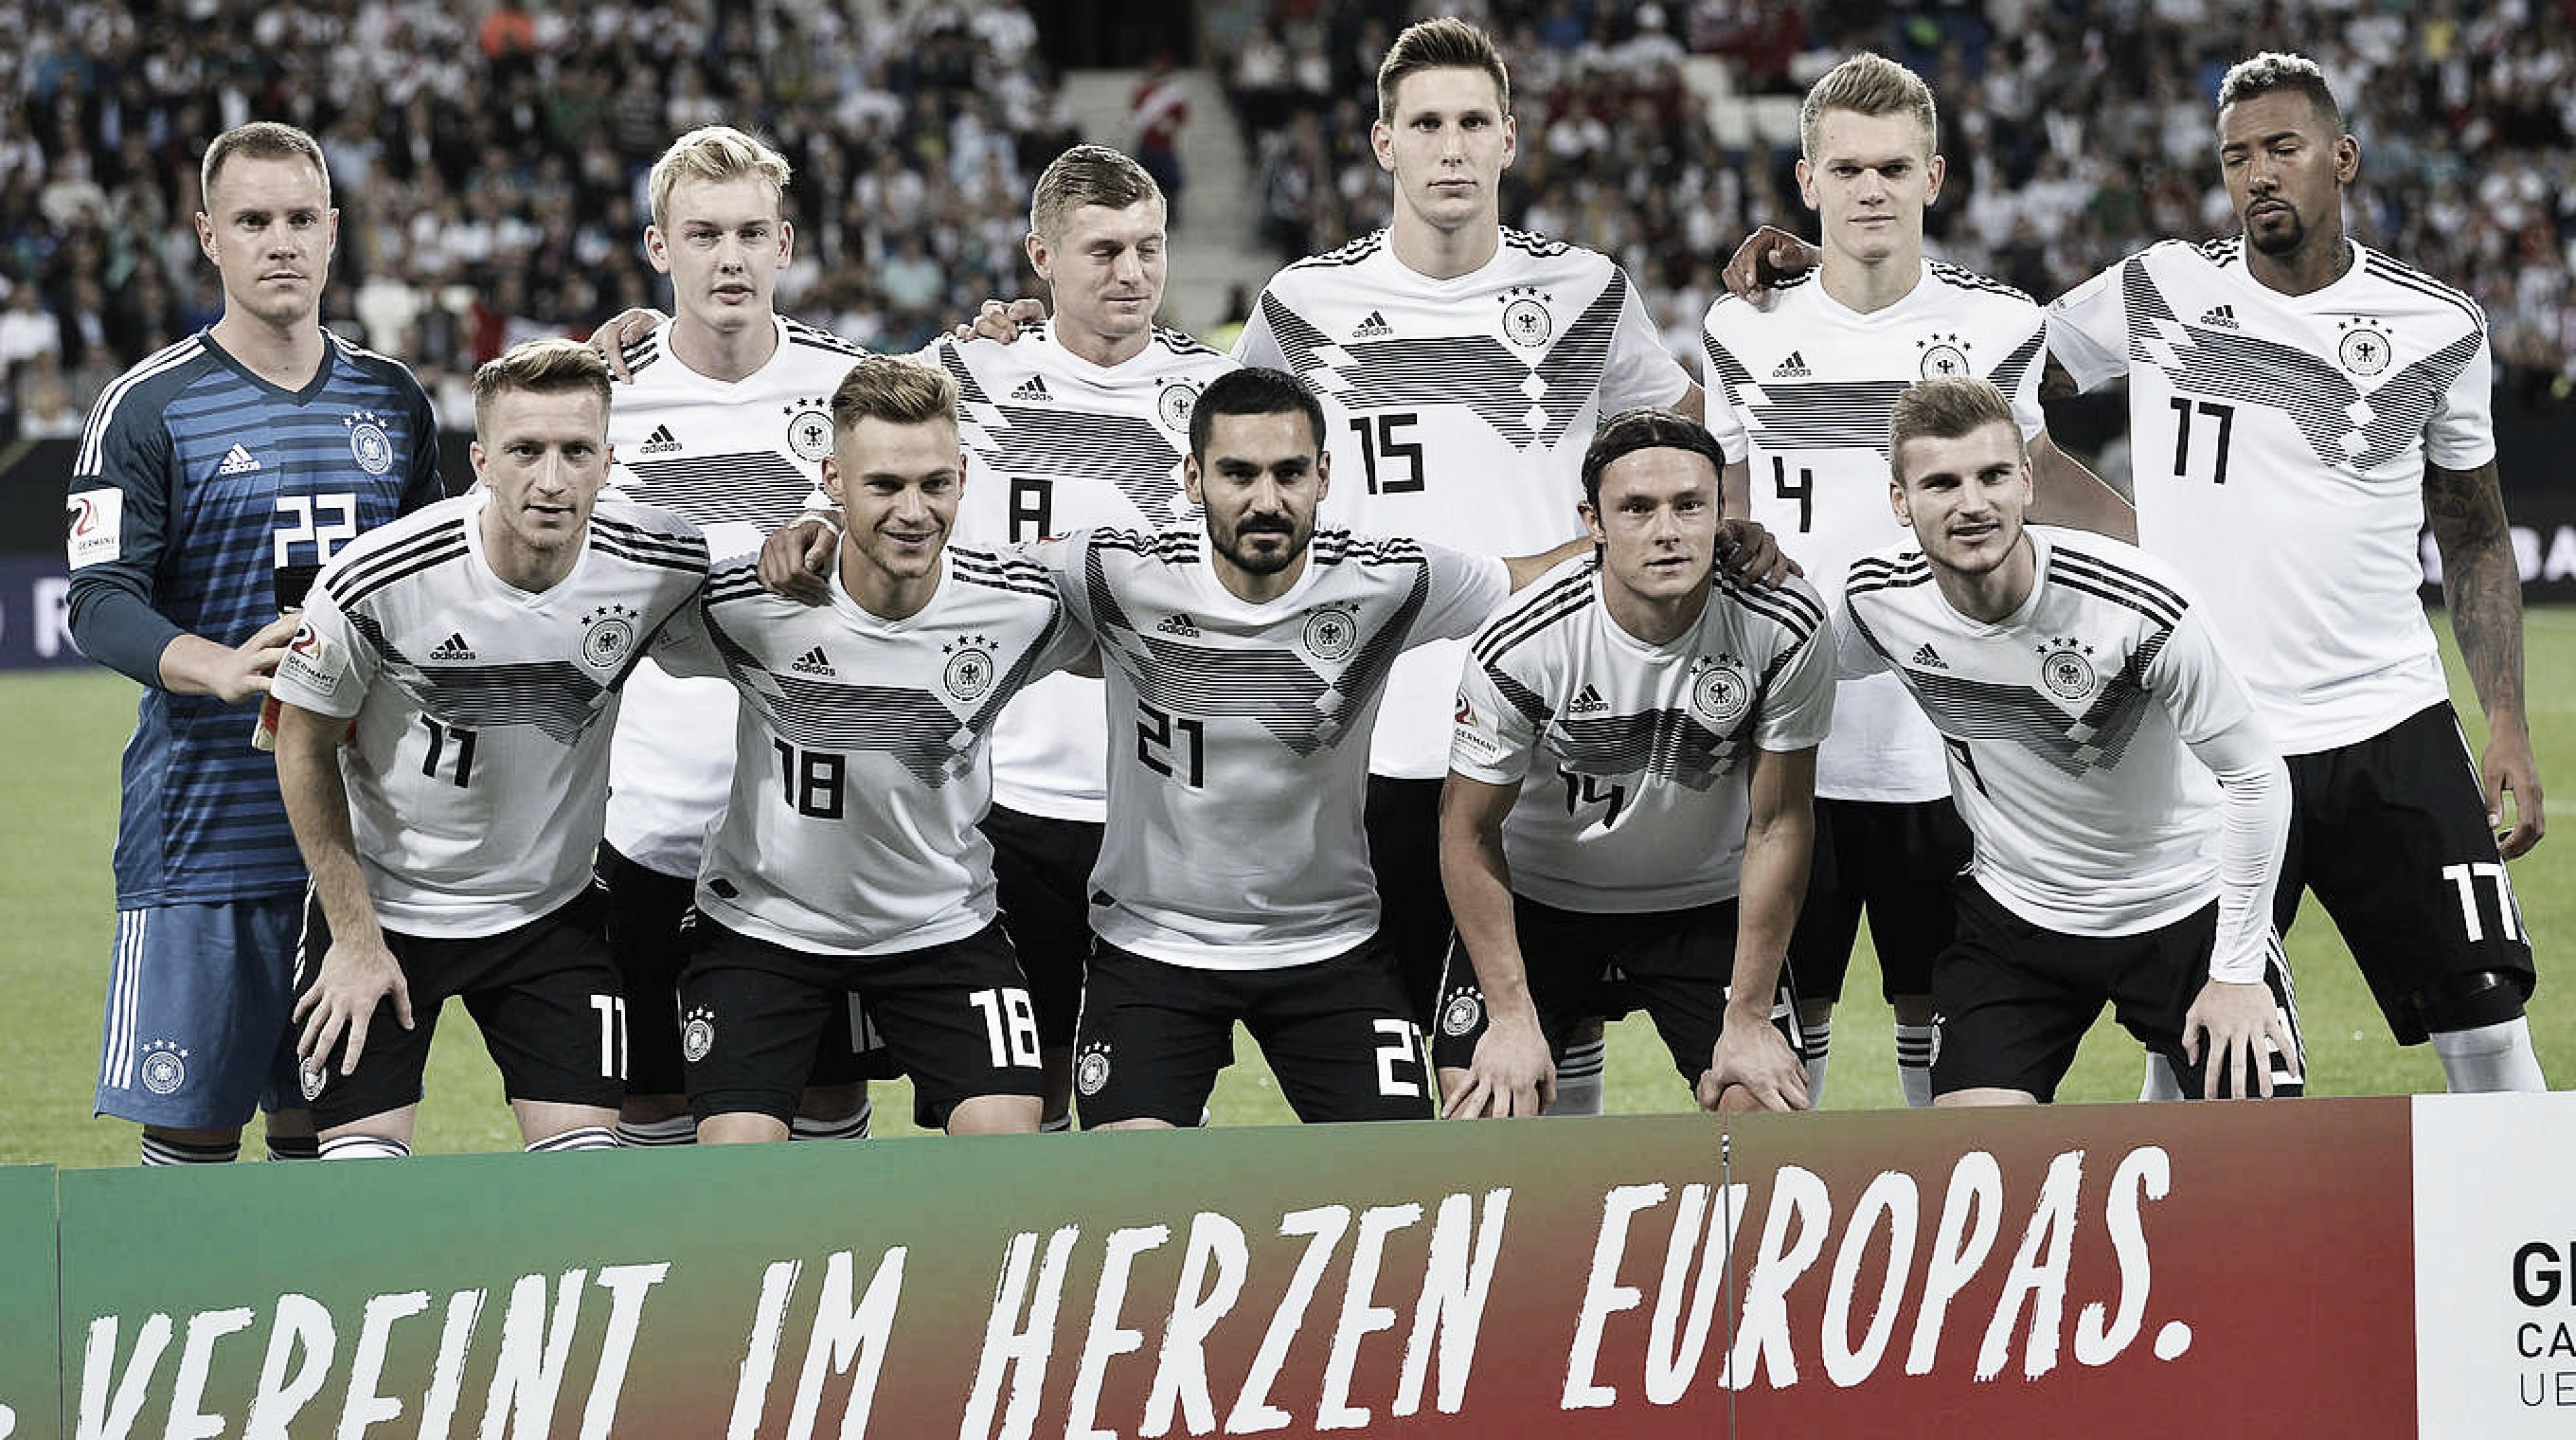 La Alemania de Kroos vence a Perú